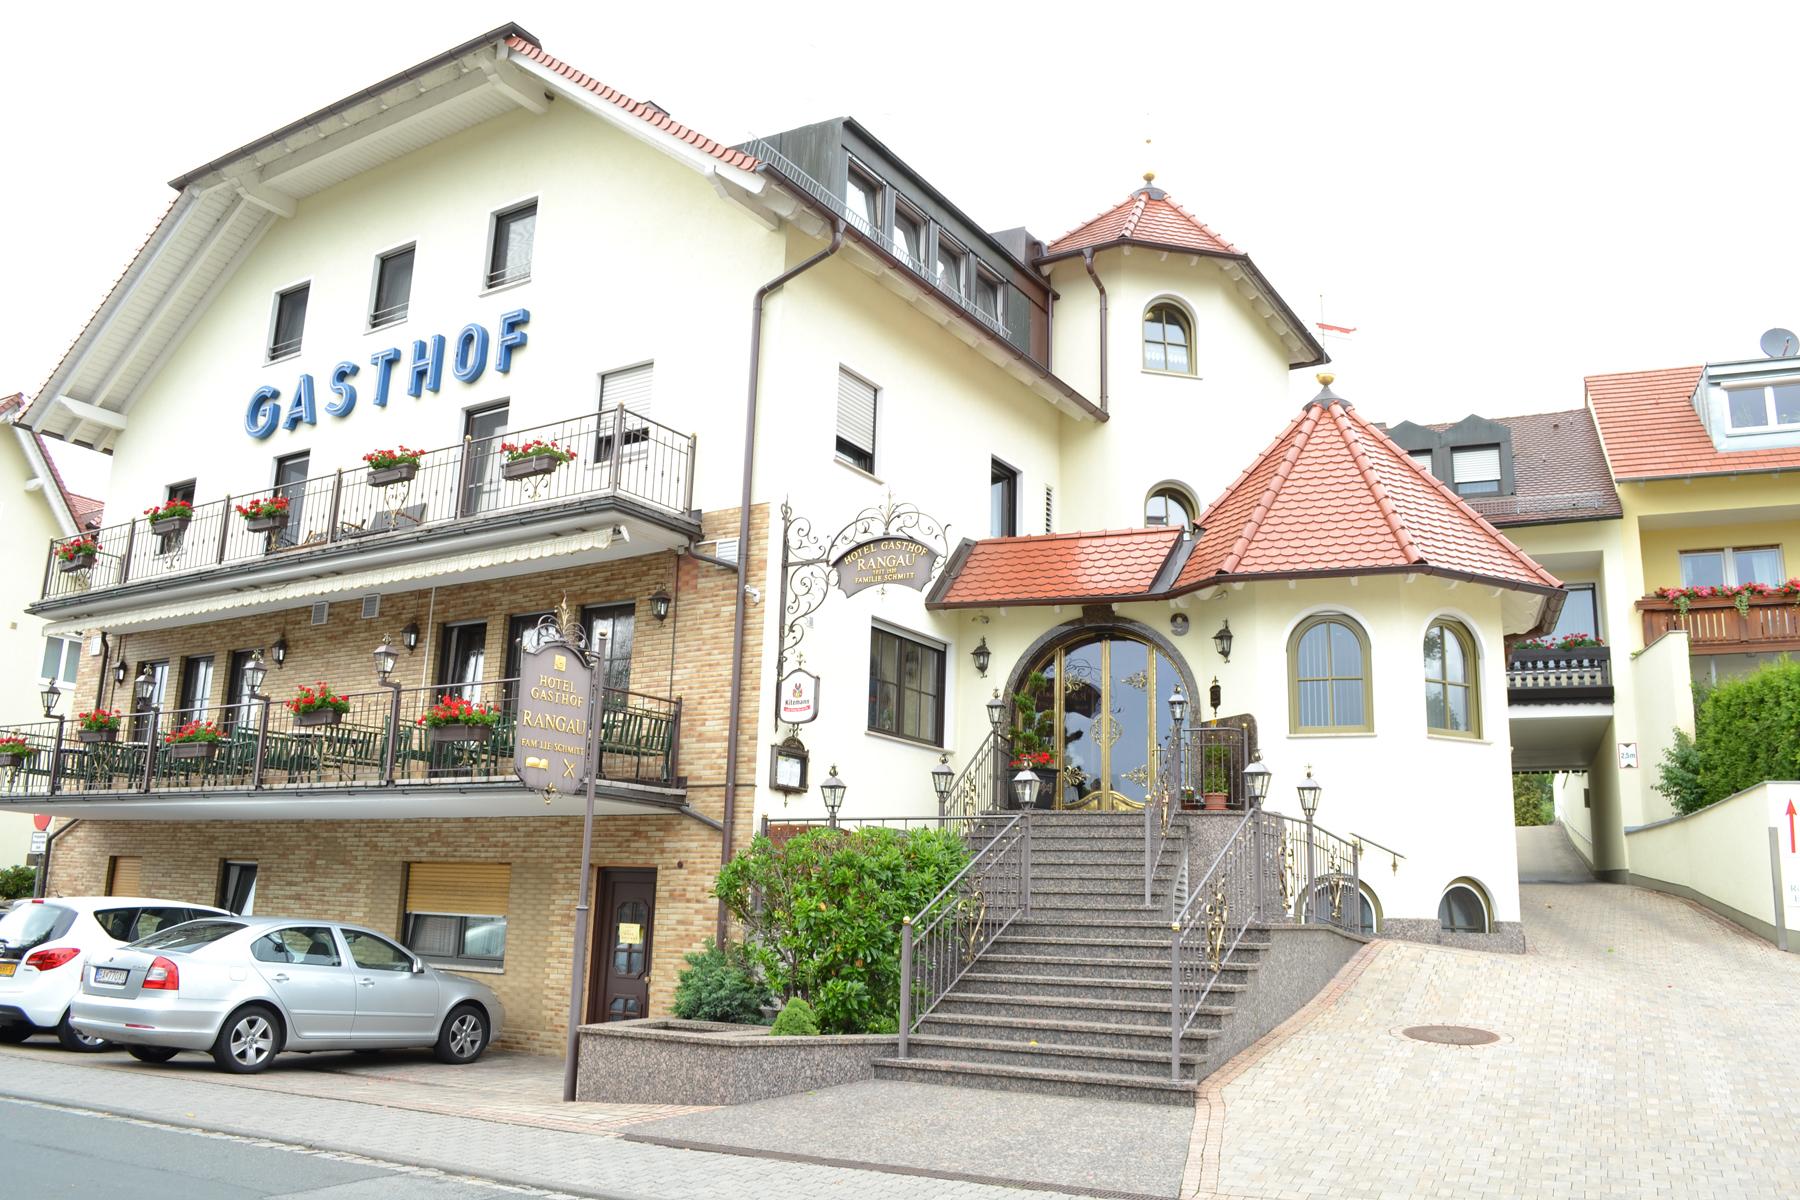 Hotel Gasthof Rangau